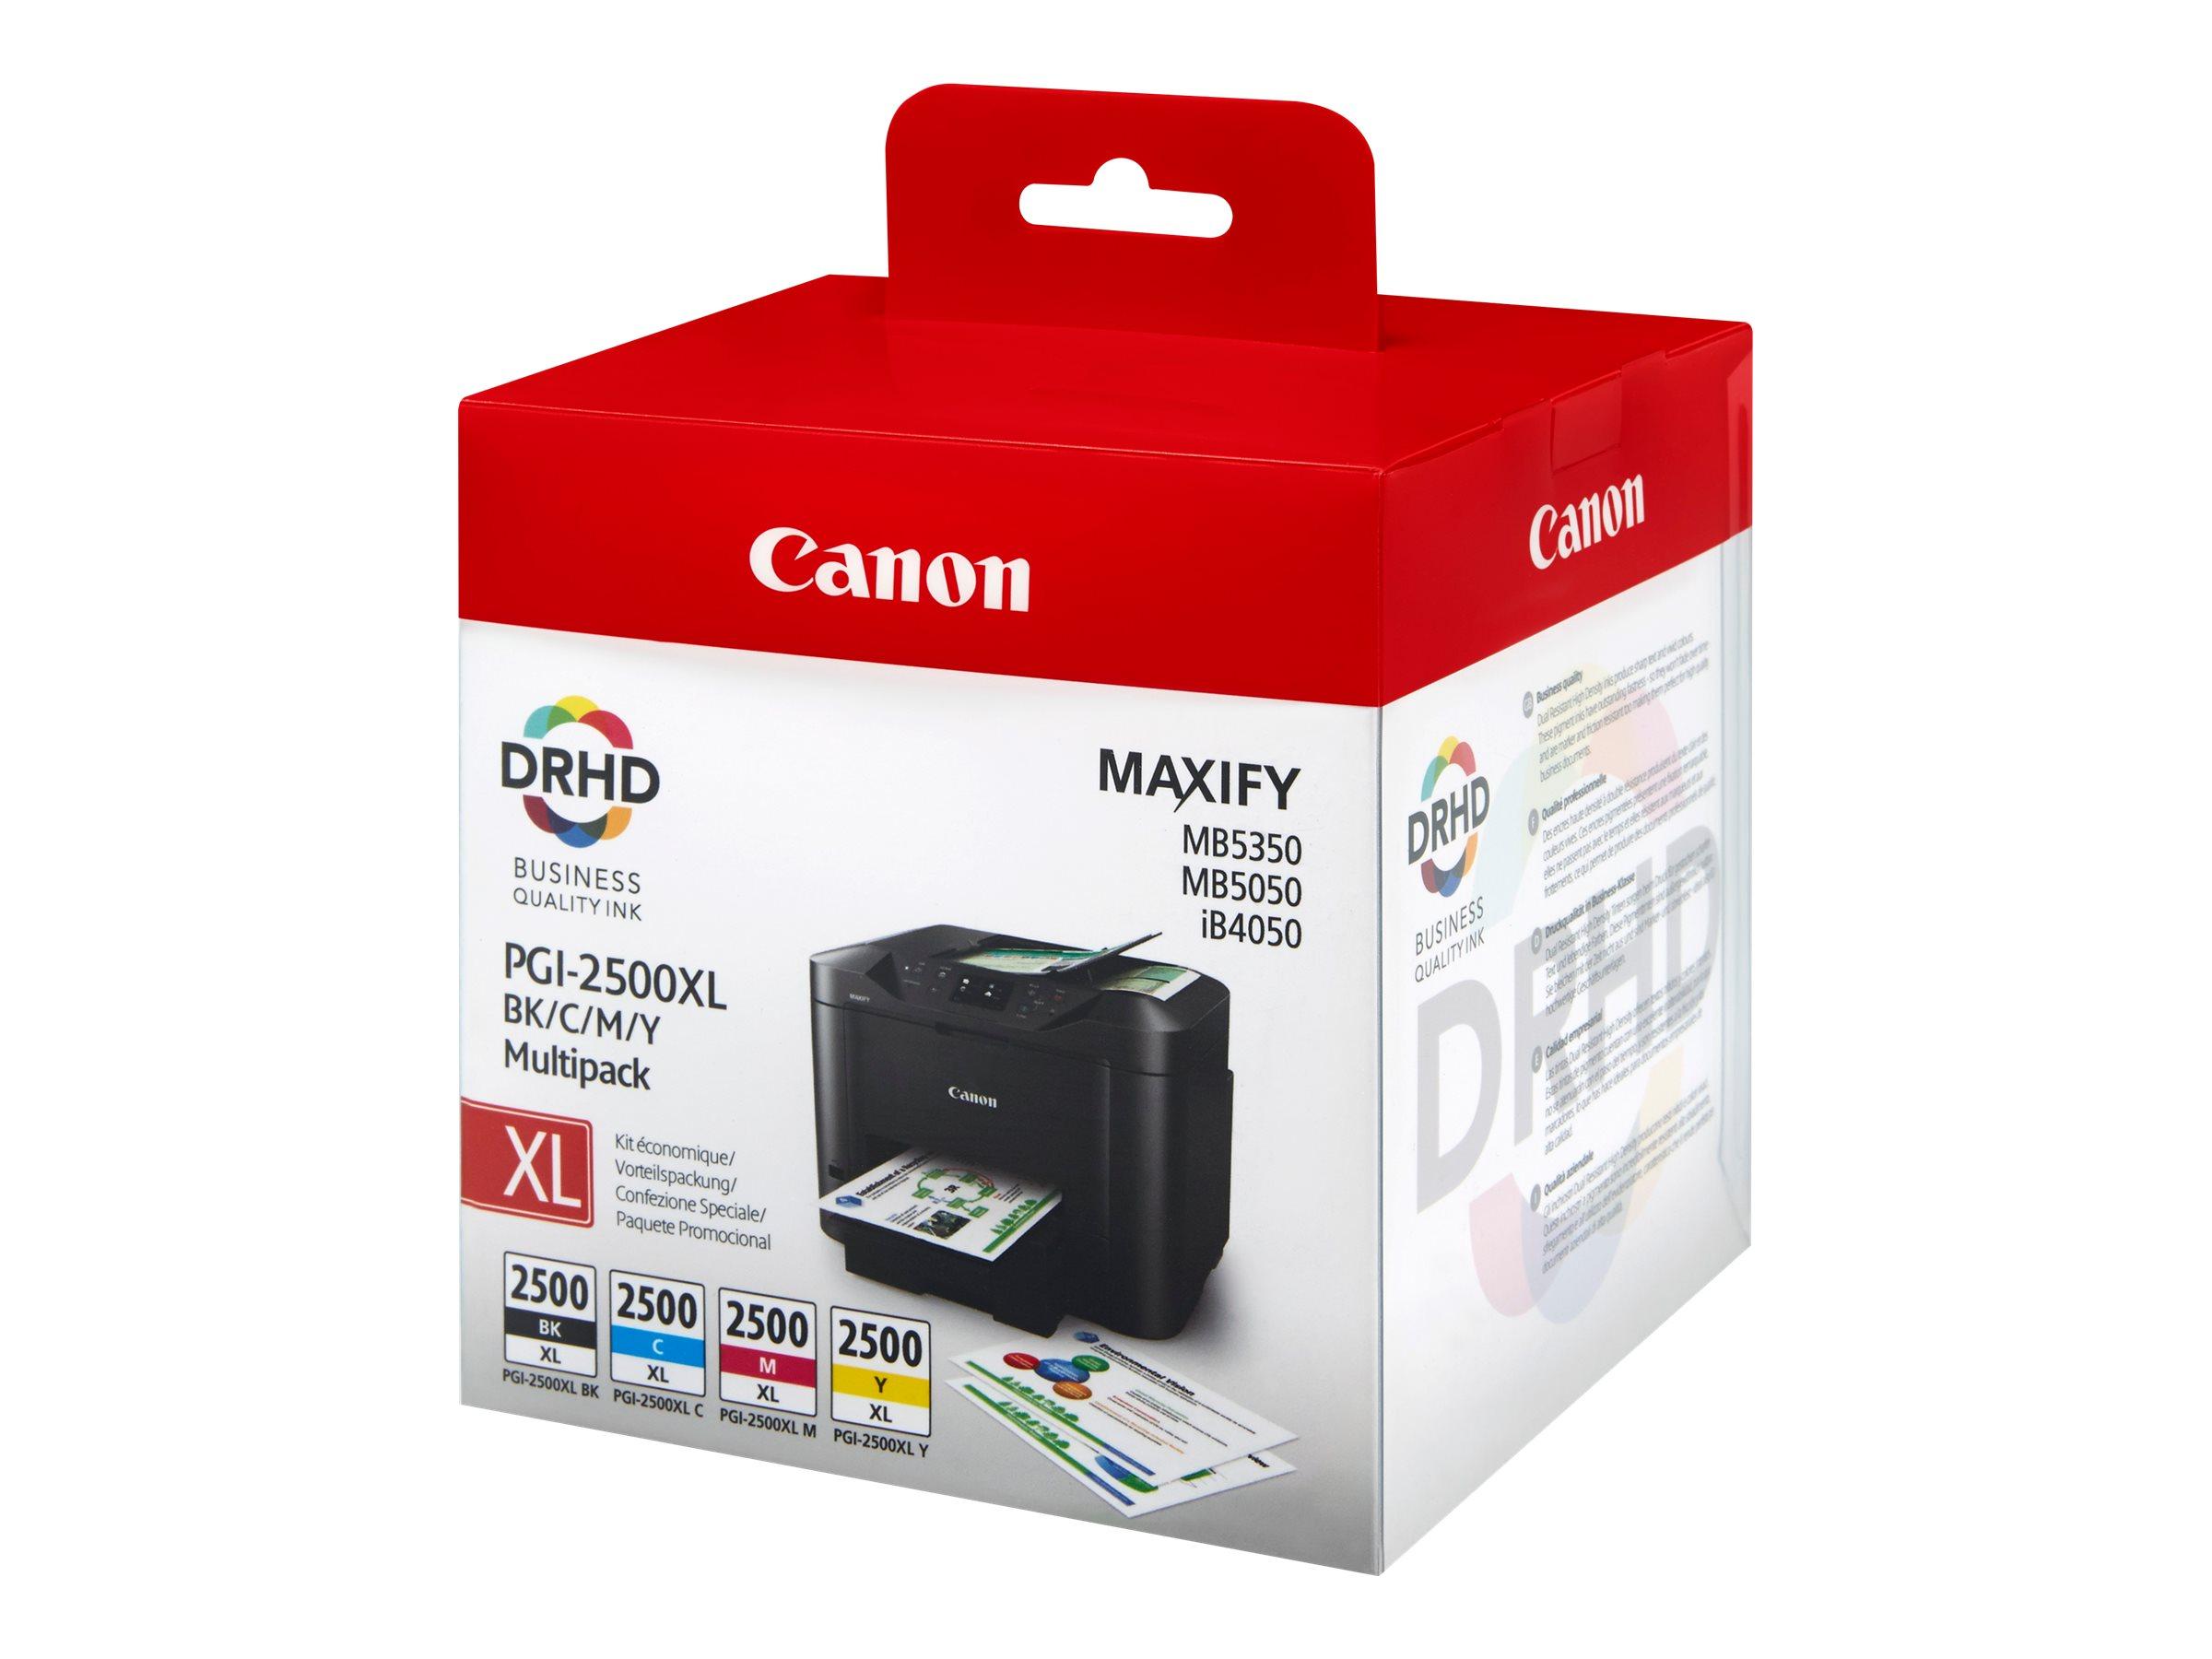 Canon PGI-2500XL BK/C/M/Y Multipack - 4er-Pack - Hohe Ergiebigkeit - Schwarz, Gelb, Cyan, Magenta - Original - Tintenbehälter